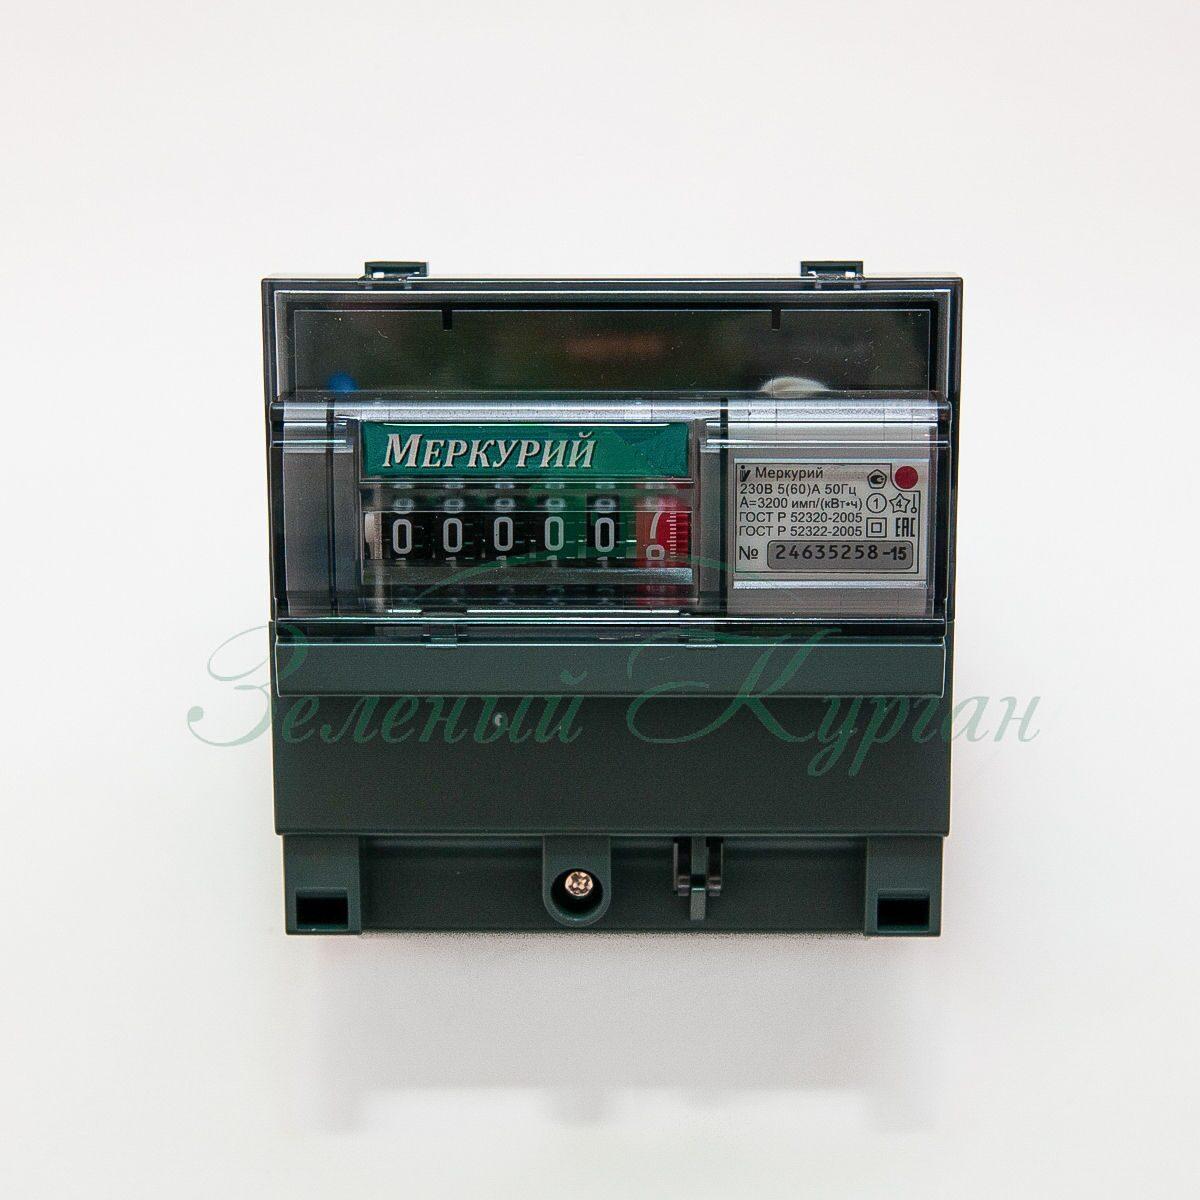 как смотать электросчетчик меркурий